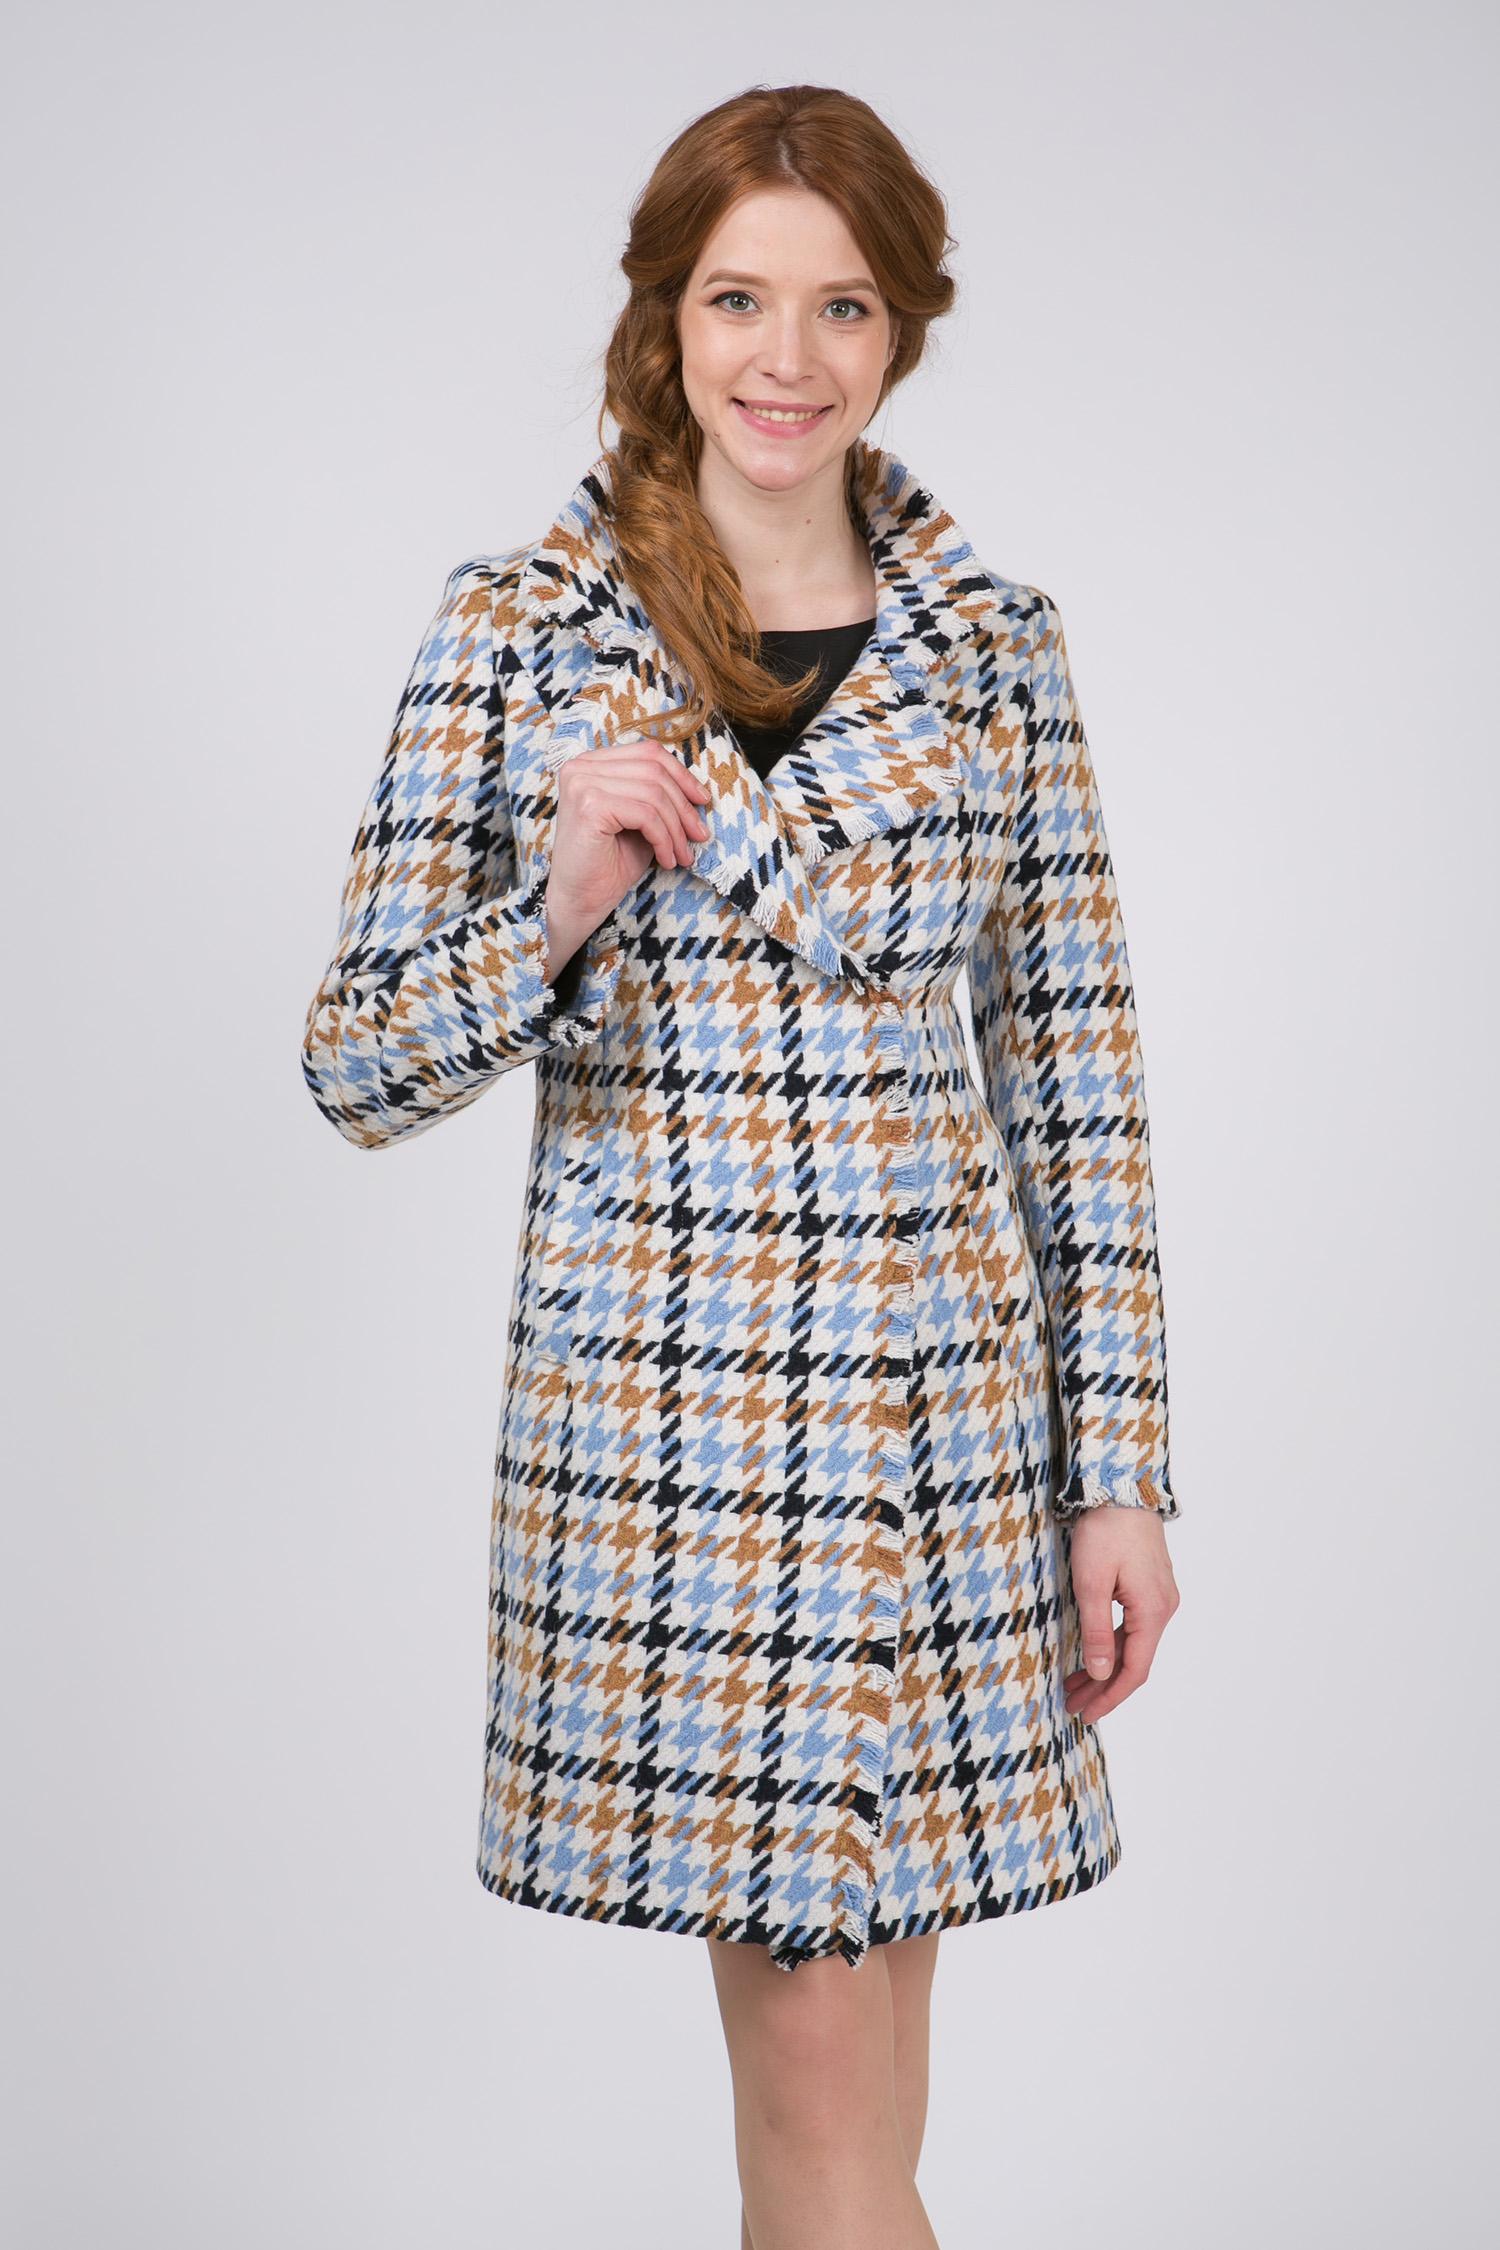 Женское пальто с воротником, без отделкиСтильное и одновременно элегантное шерстяное пальто, выполненное из натуральных итальянских тканей с использованием высококачественной фурнитуры. Сочетает в себе<br>безупречный крой и оригинальное дизайнерское решение.<br>Модель представляет собой не просто верхнюю одежду, это - must have для любой модницы.<br><br>Воротник: английский<br>Длина см: Длинная (свыше 90)<br>Материал: Комбинированный состав<br>Цвет: голубой<br>Вид застежки: косая<br>Застежка: на кнопки<br>Пол: Женский<br>Размер RU: 52